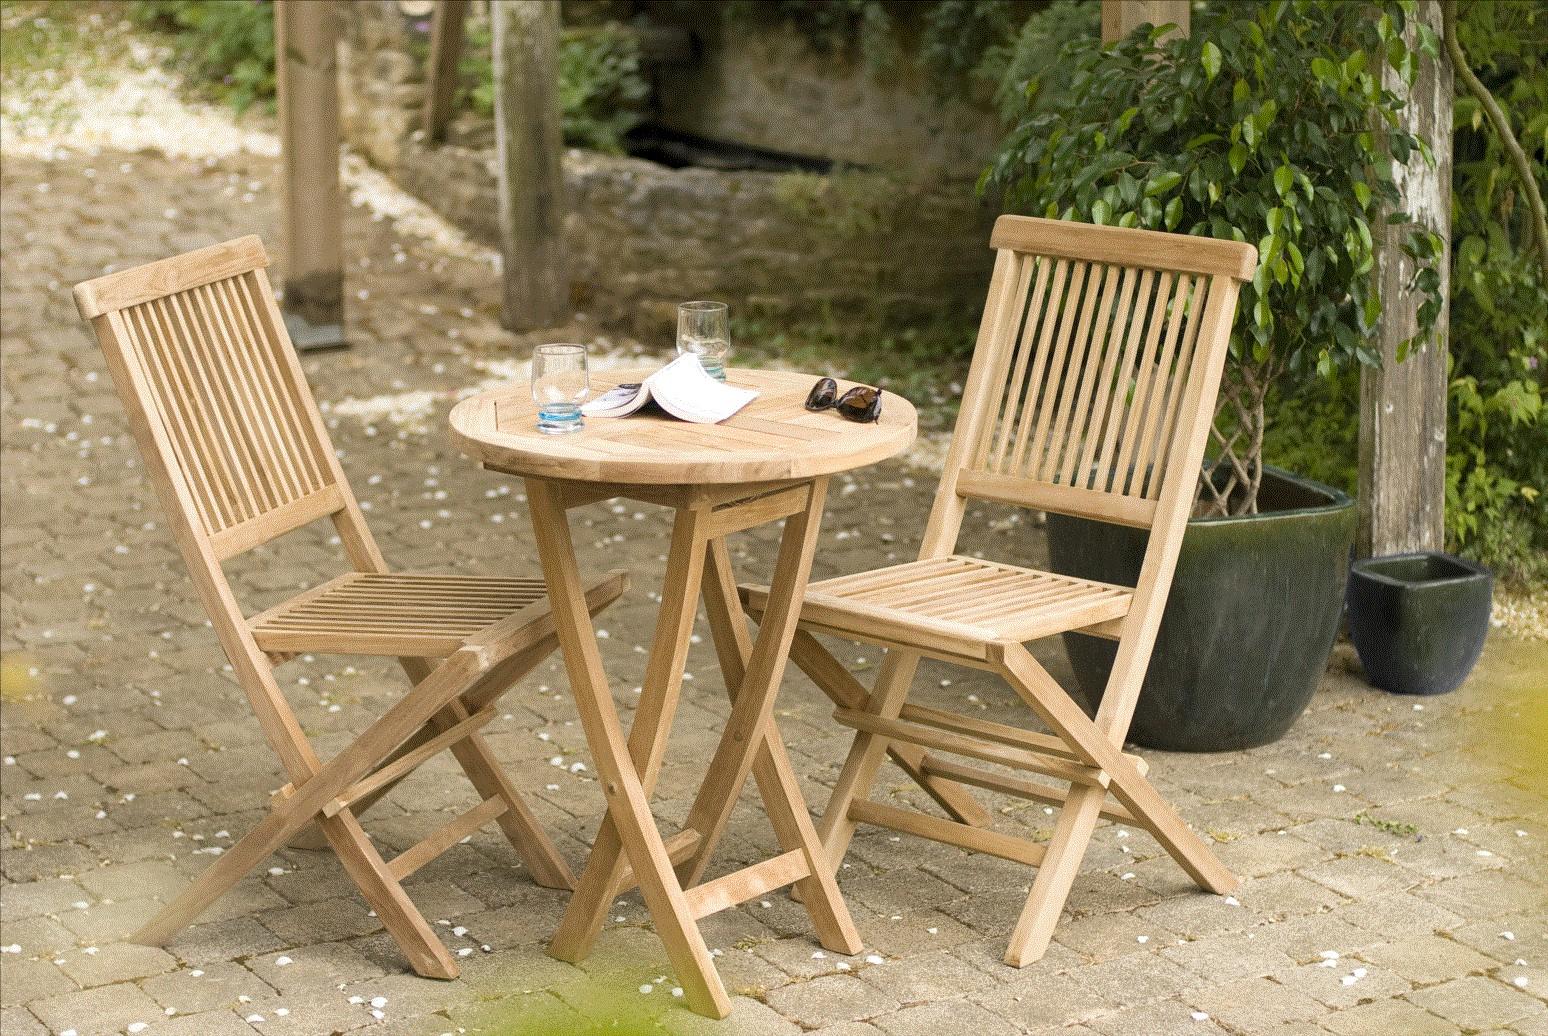 Salon De Jardin En Teck Table Ronde 2 Chaises 60Cm Summer dedans Petite Table Ronde De Jardin